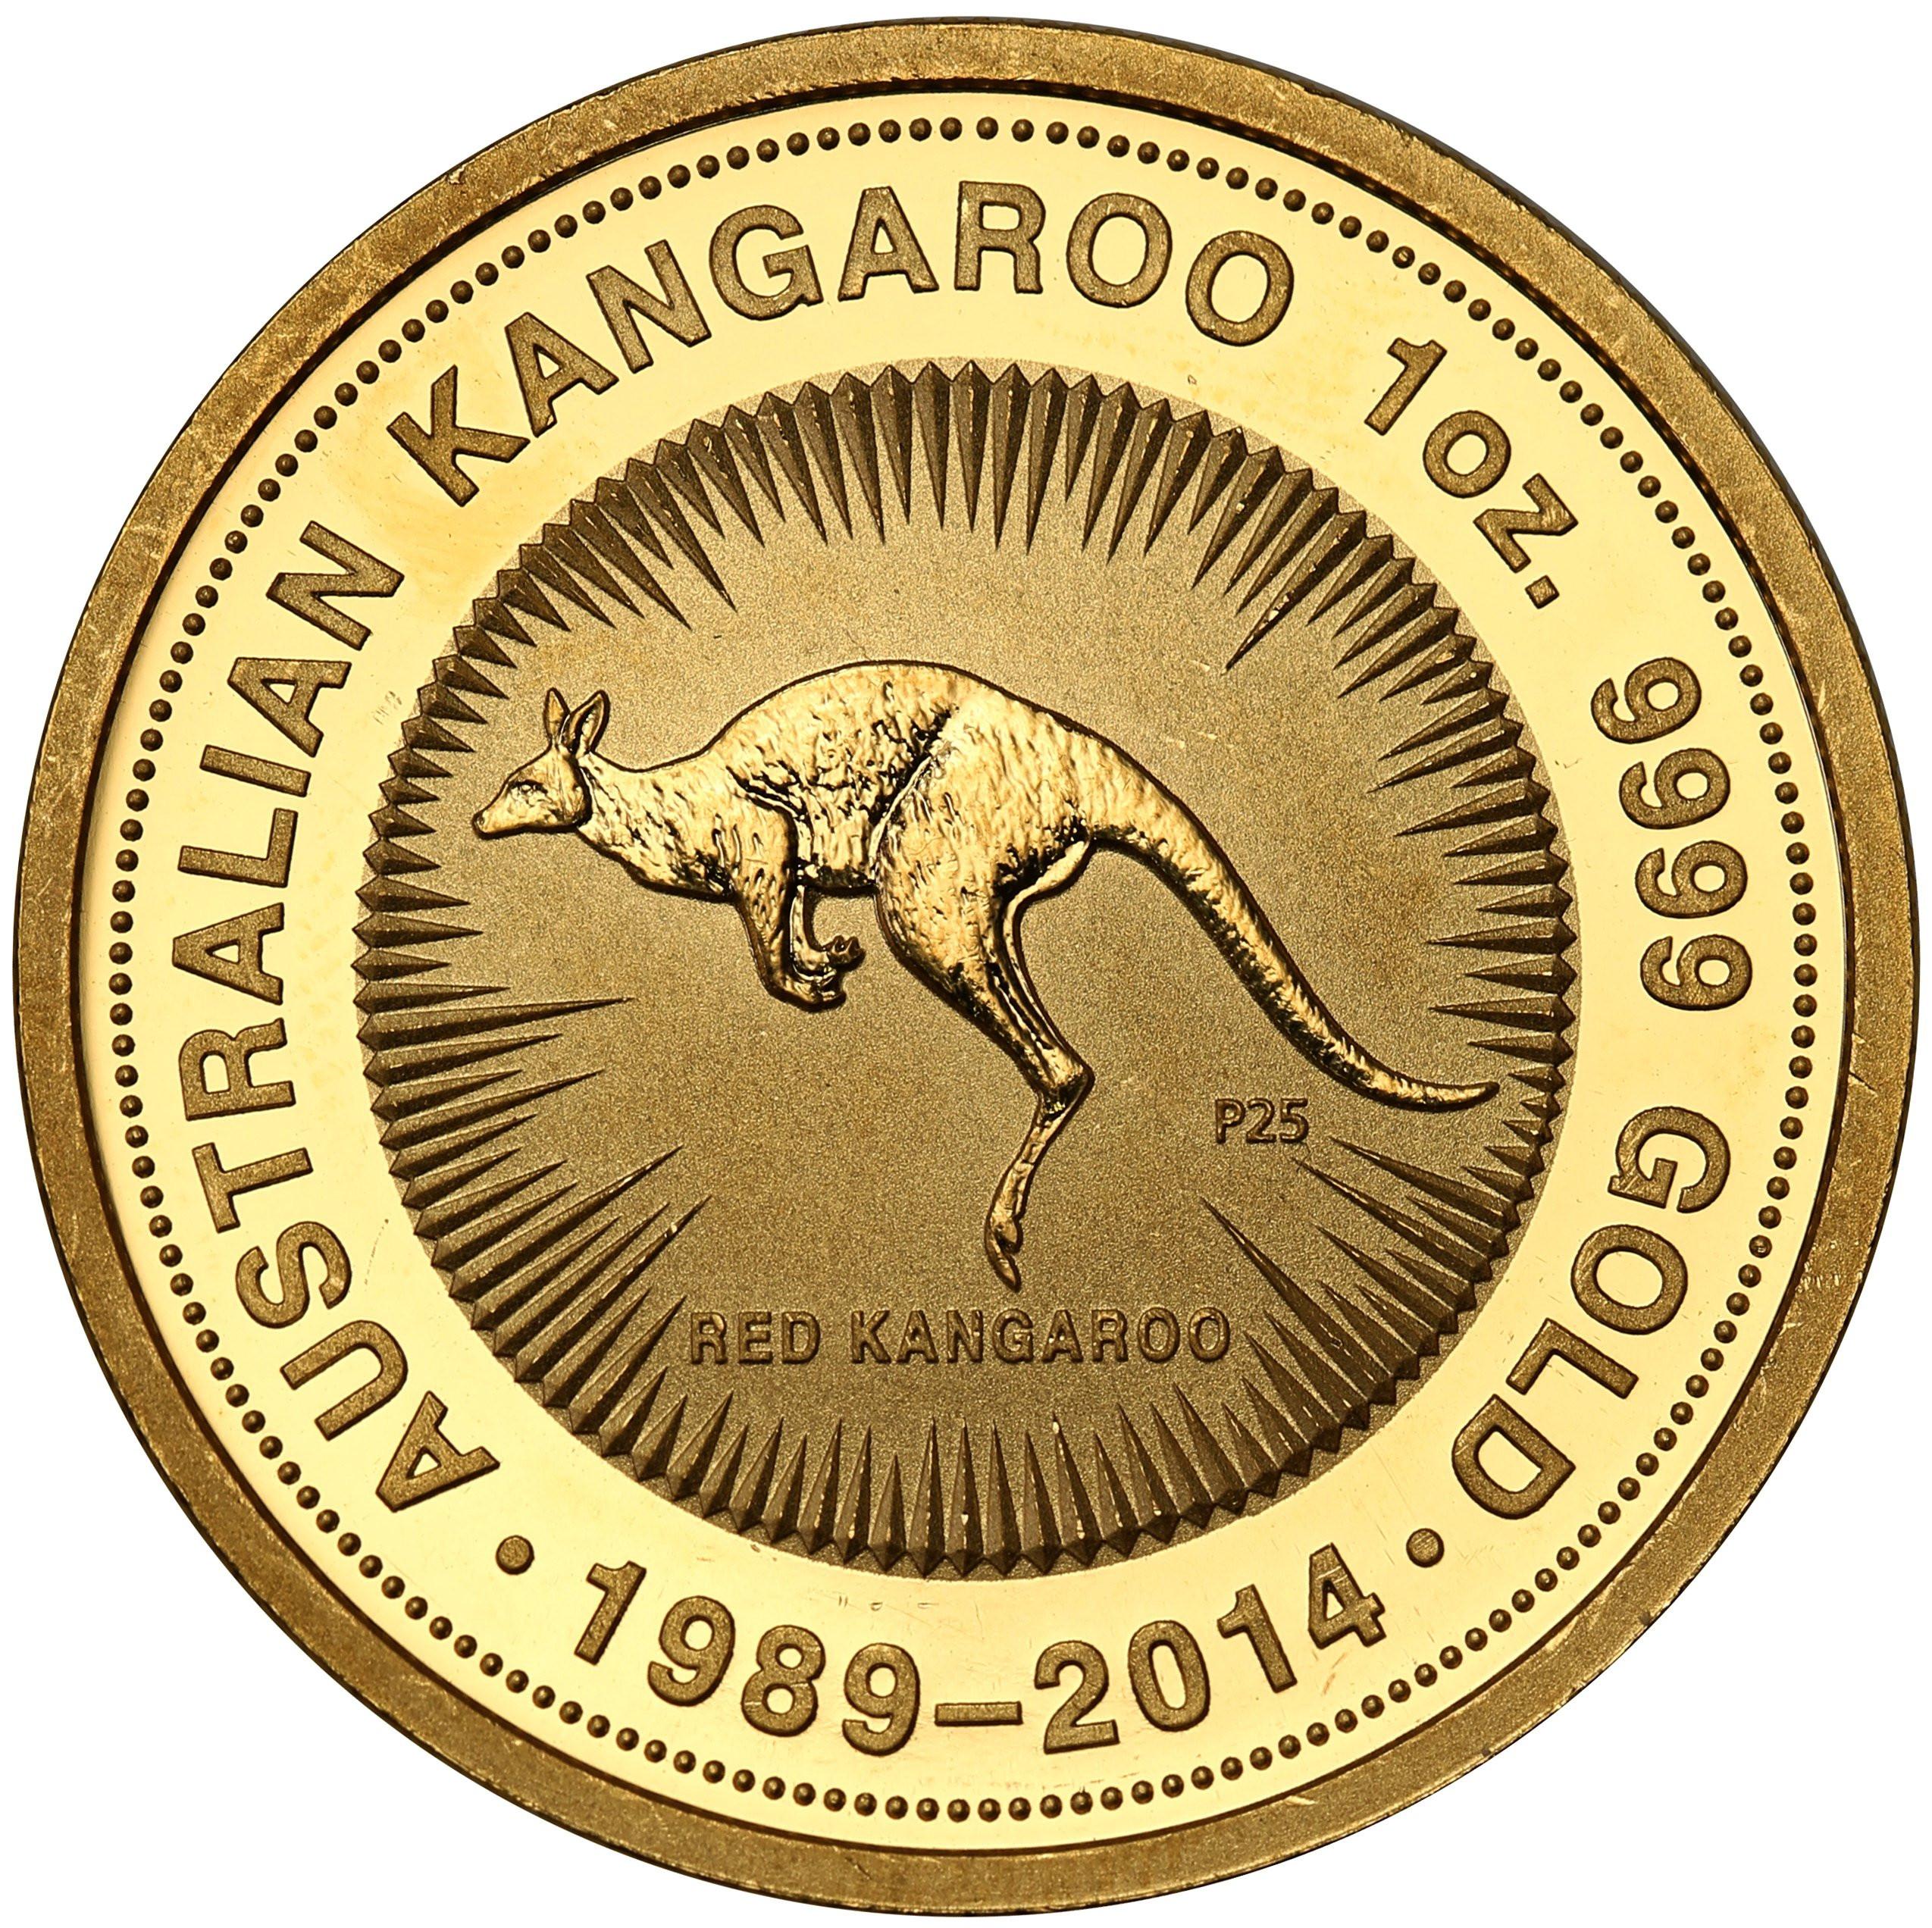 Australia. 100 dolarów 2014 kangur (uncja złota) st.L